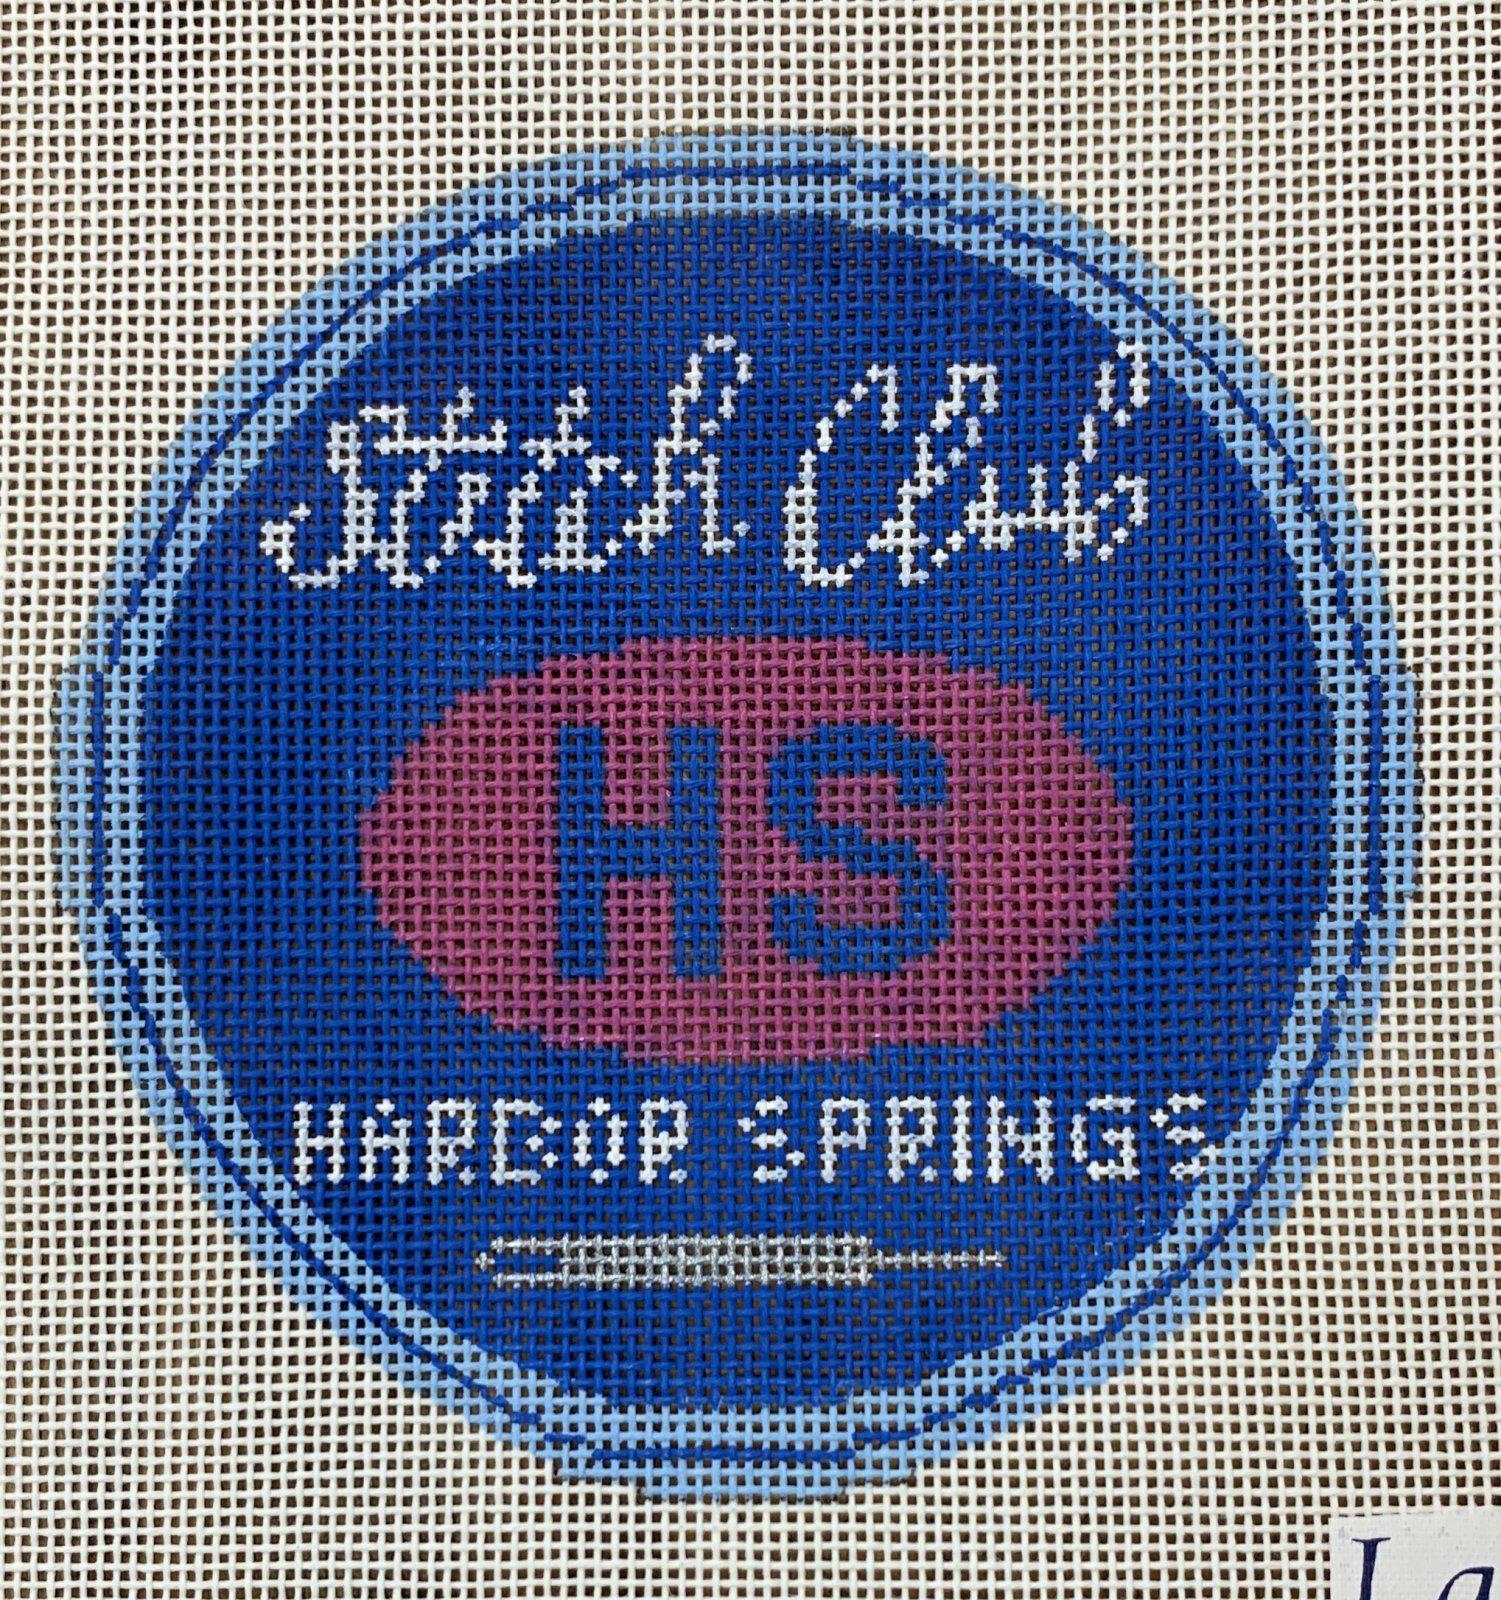 LL149 Stitch Club Harbor Springs